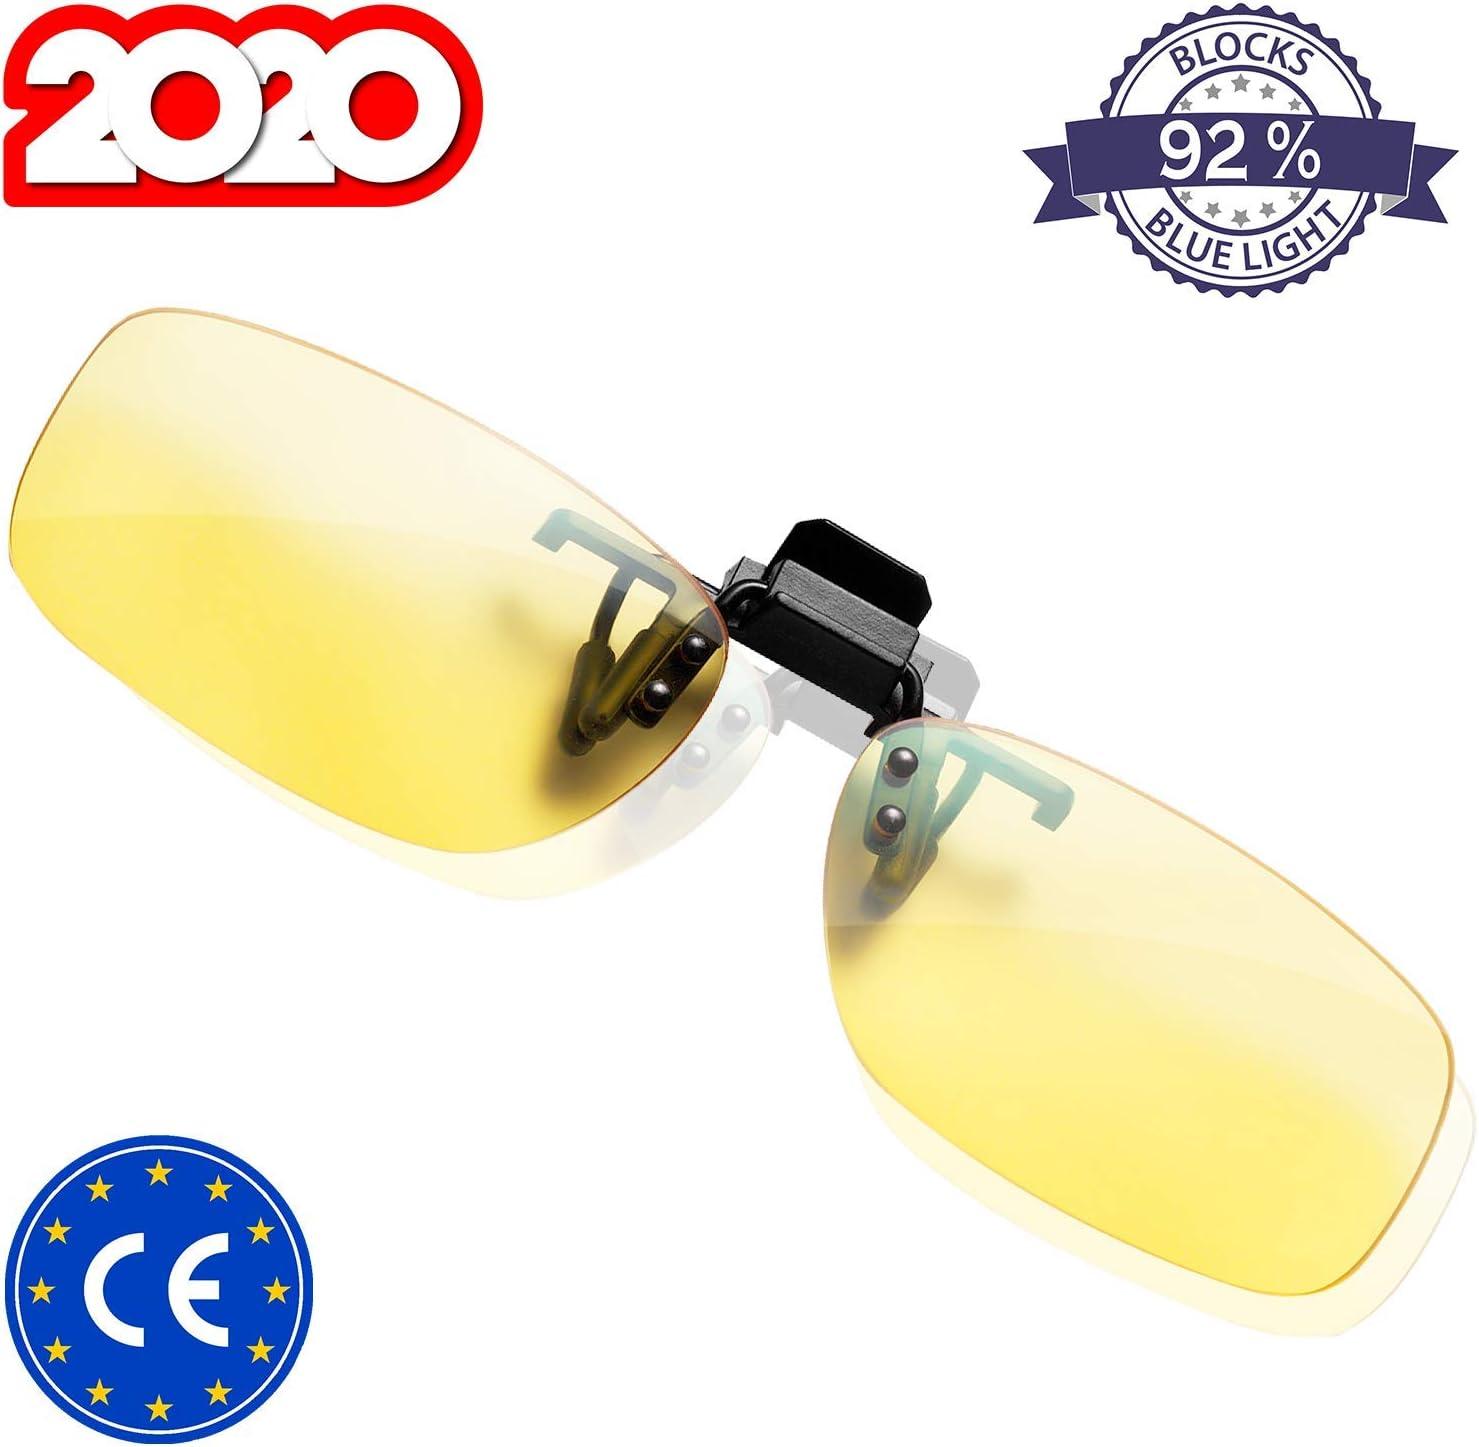 KLIM™ OTG - Gafas de Clip para Bloquear la luz Azul - Nuevas - Alta protección Frente a la Pantalla - Gafas Gaming para PC, móvil, TV - Anti Fatiga, Anti luz Azul - Filtran la luz Azul